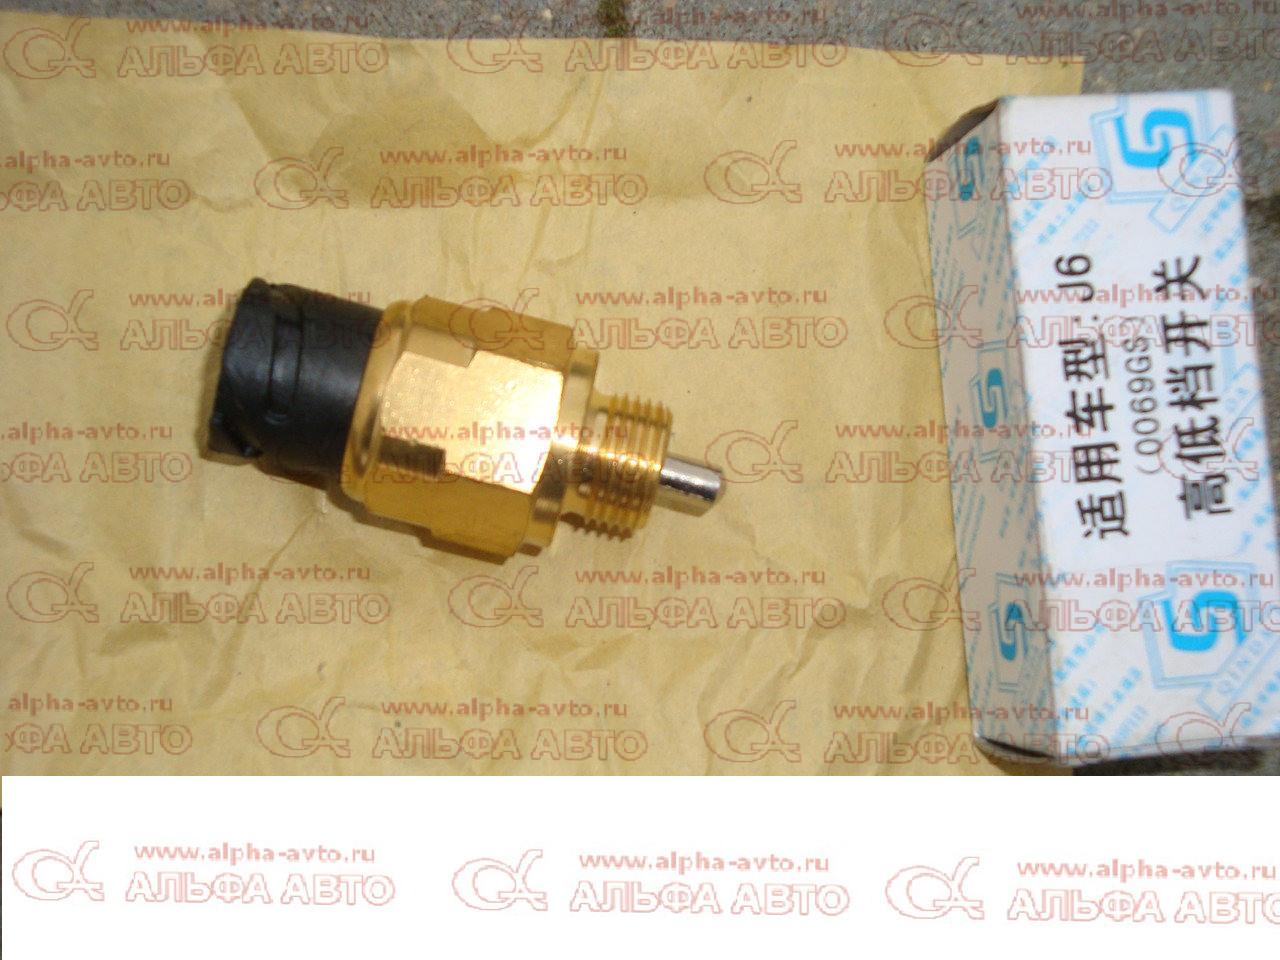 0069GS Датчик выключения демультипликатора МАЗ китайская КПП